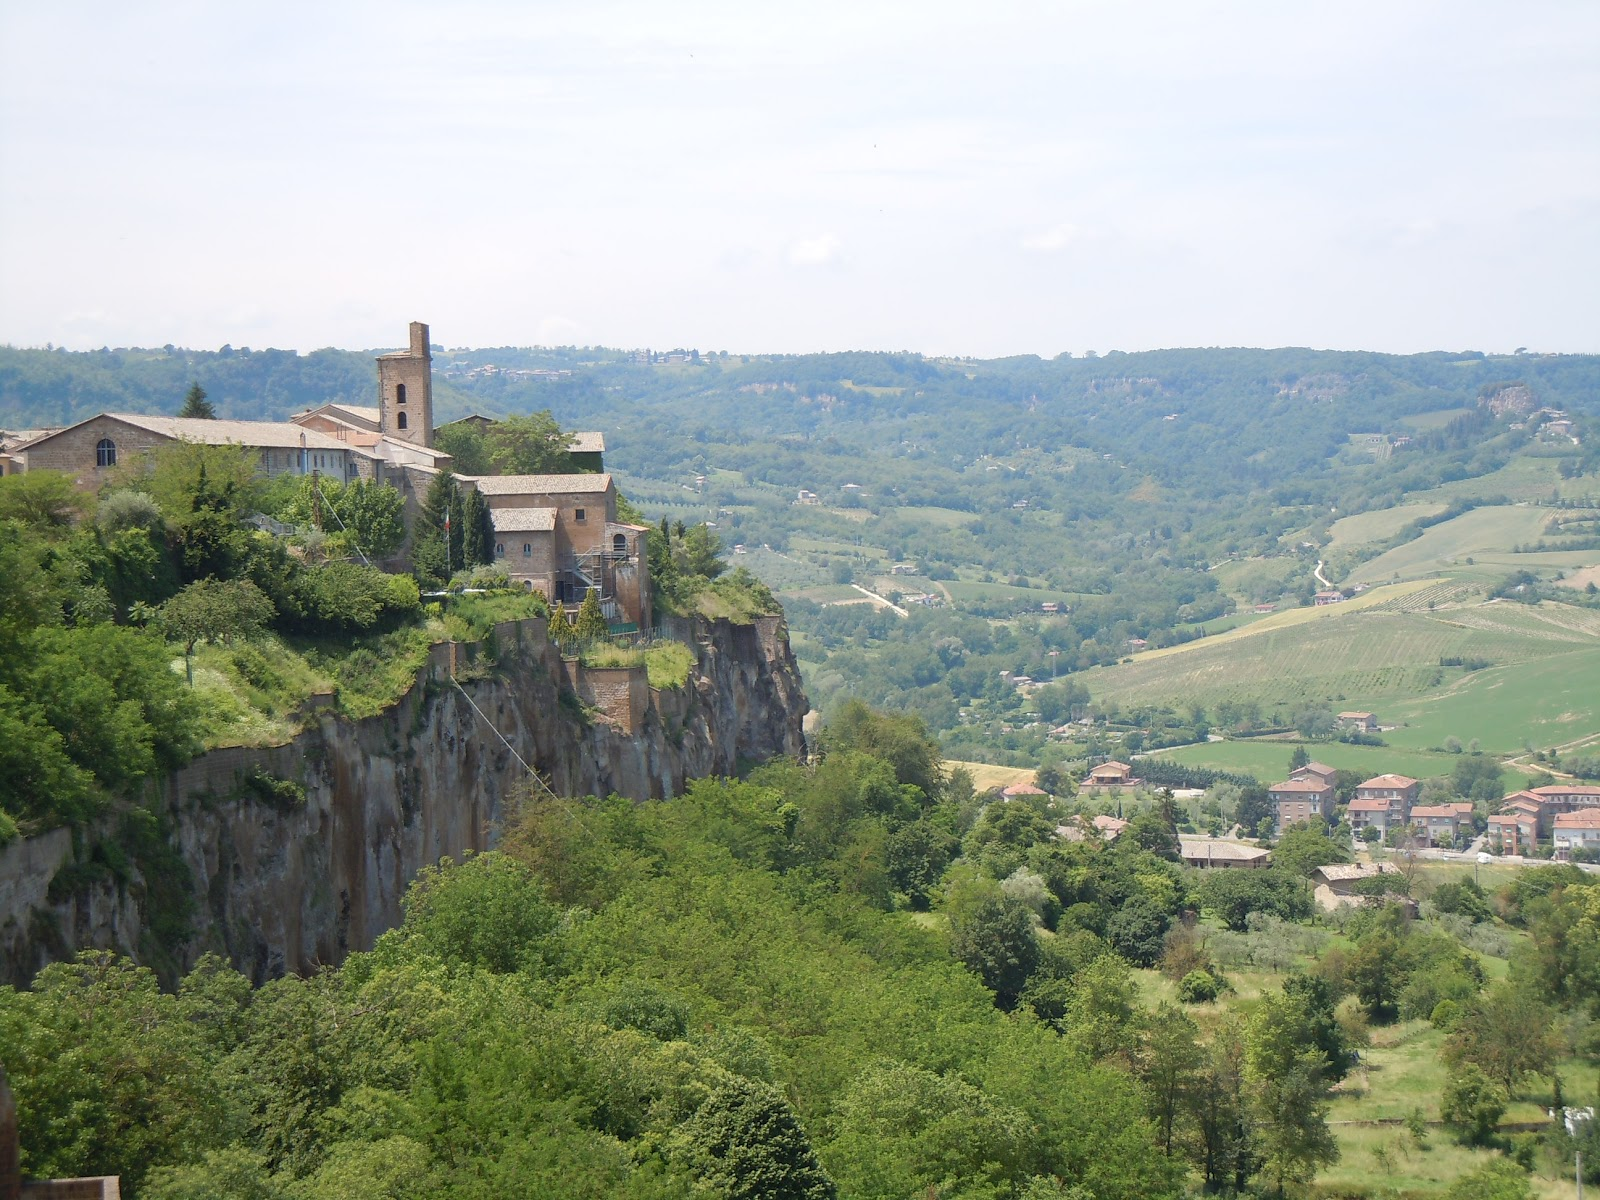 orvieto city in italy - photo #11